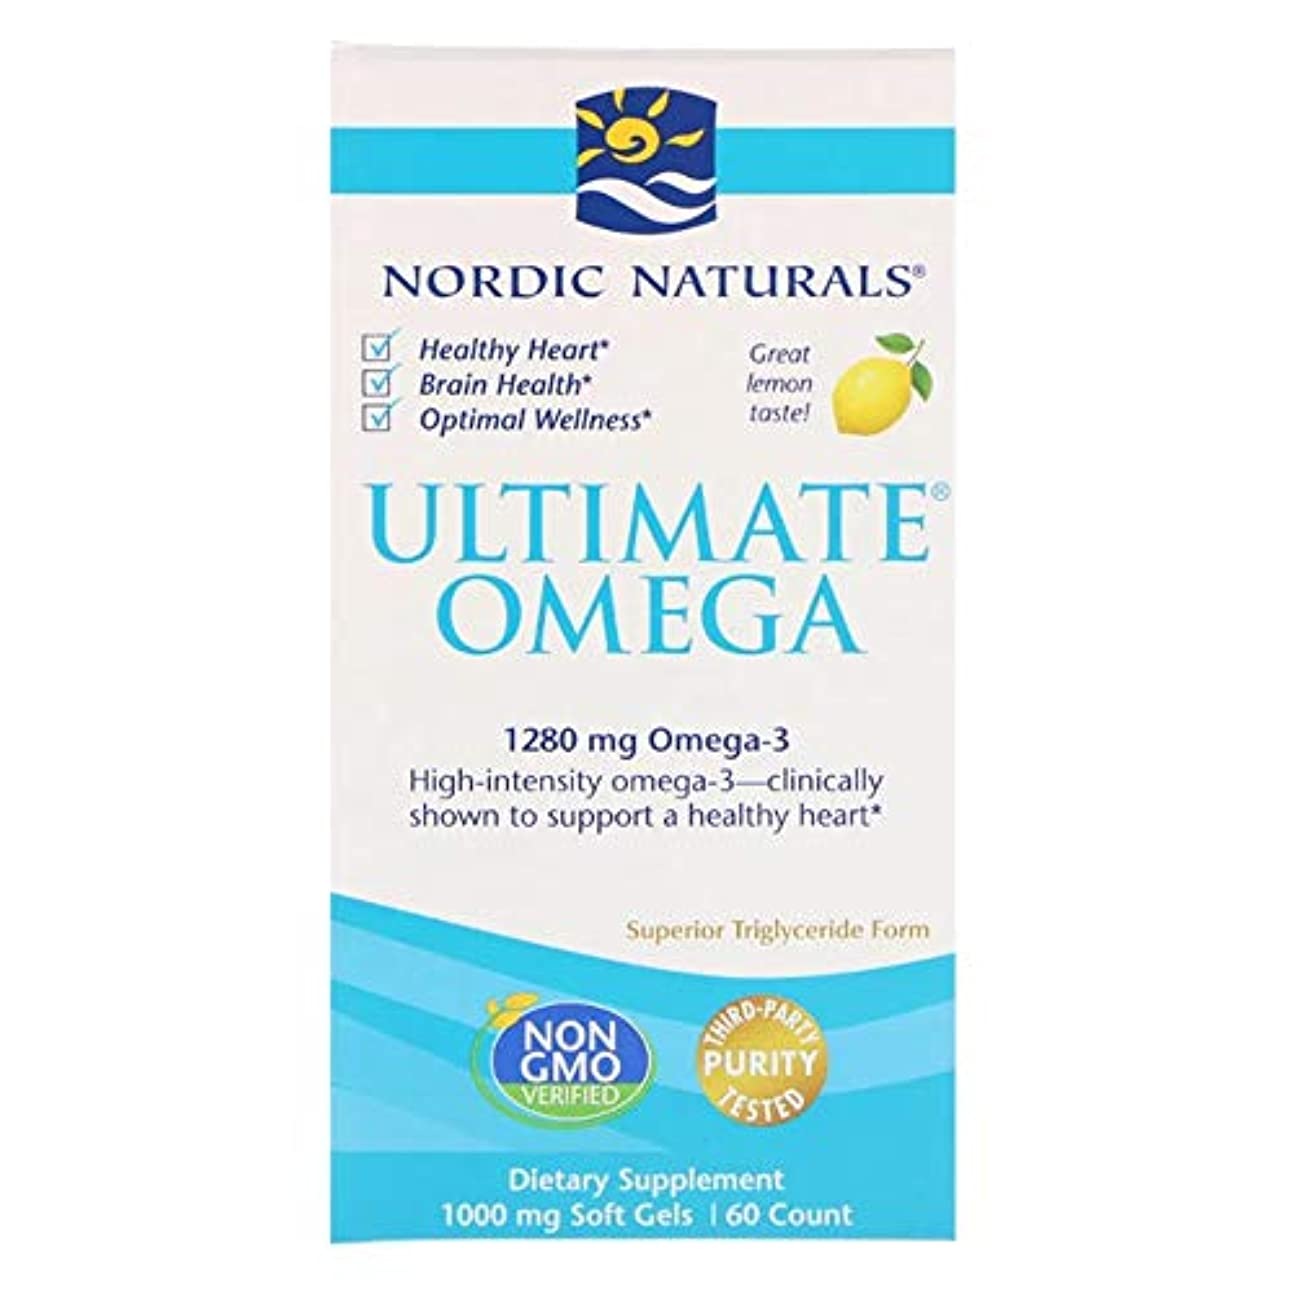 私たち基礎うなり声Nordic Naturals 究極のオメガ レモン 1280 mg 60ソフトゼリー 【アメリカ直送】